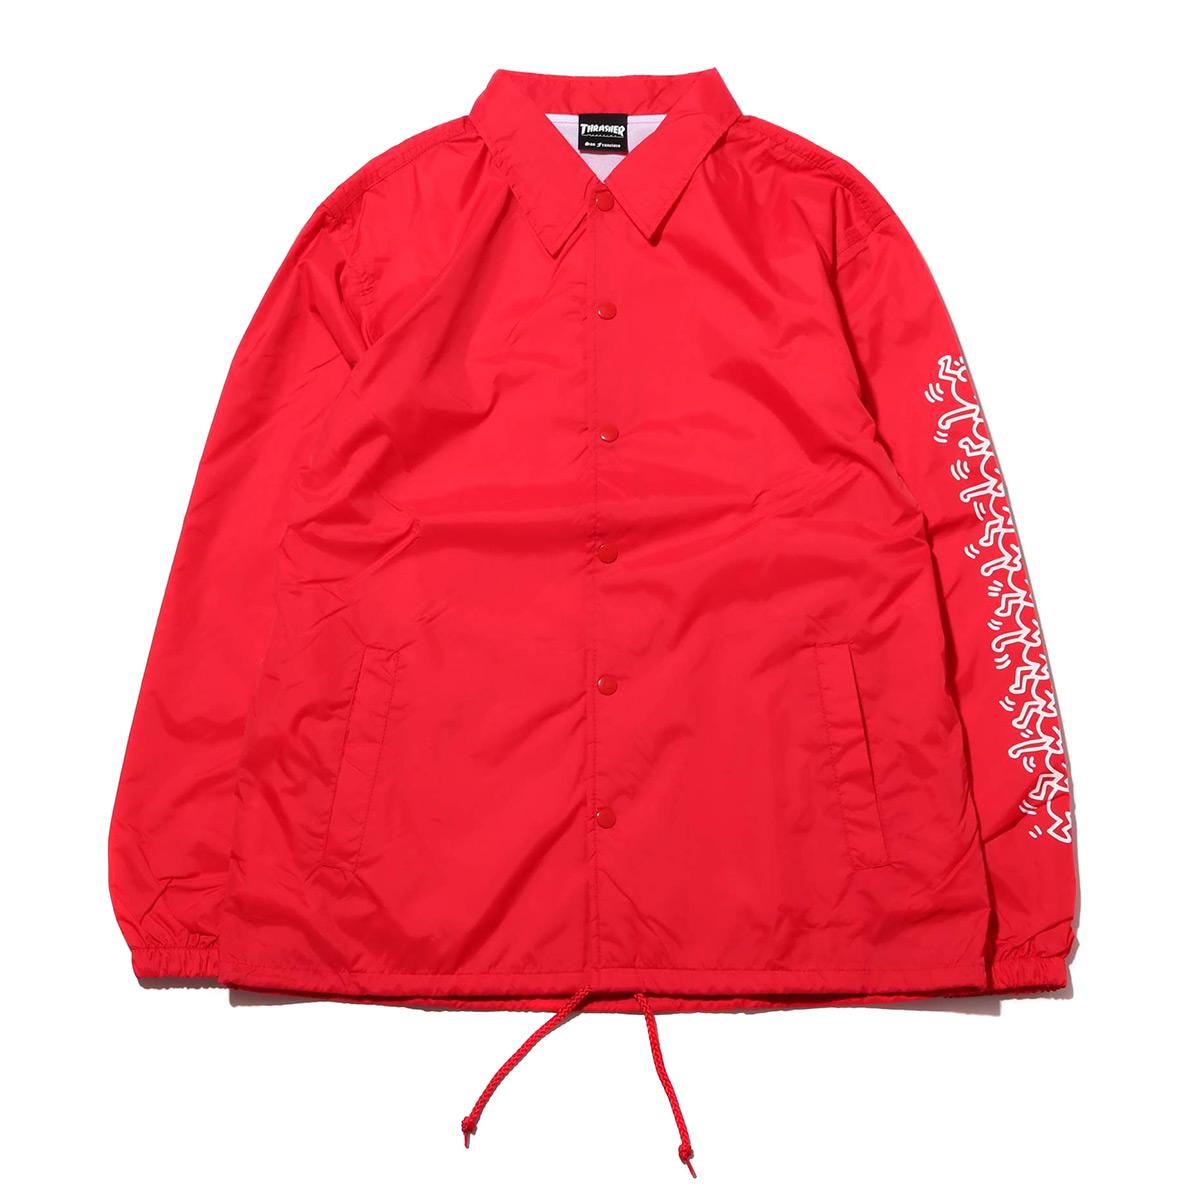 THRASHER x Keith Haring Coach Jacket (スラッシャー キースへリング コーチ ジャケット)RED【メンズ ジャケット】18FW-I